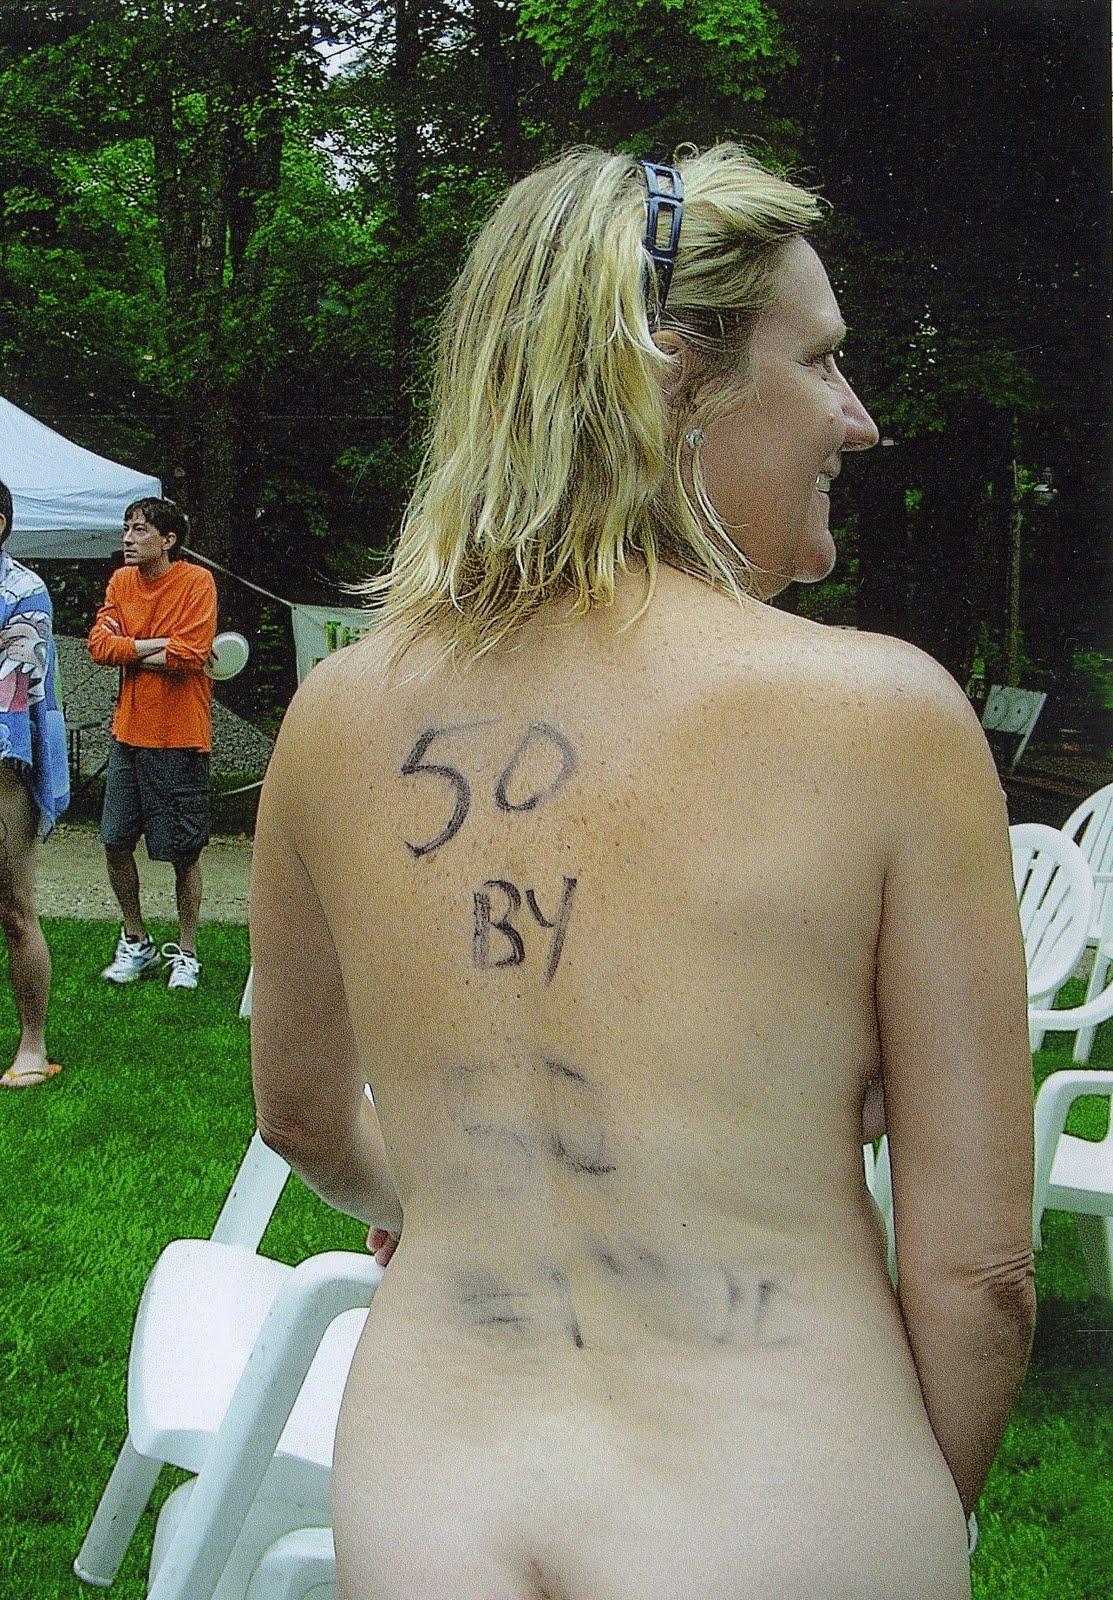 Nudist 5k run races